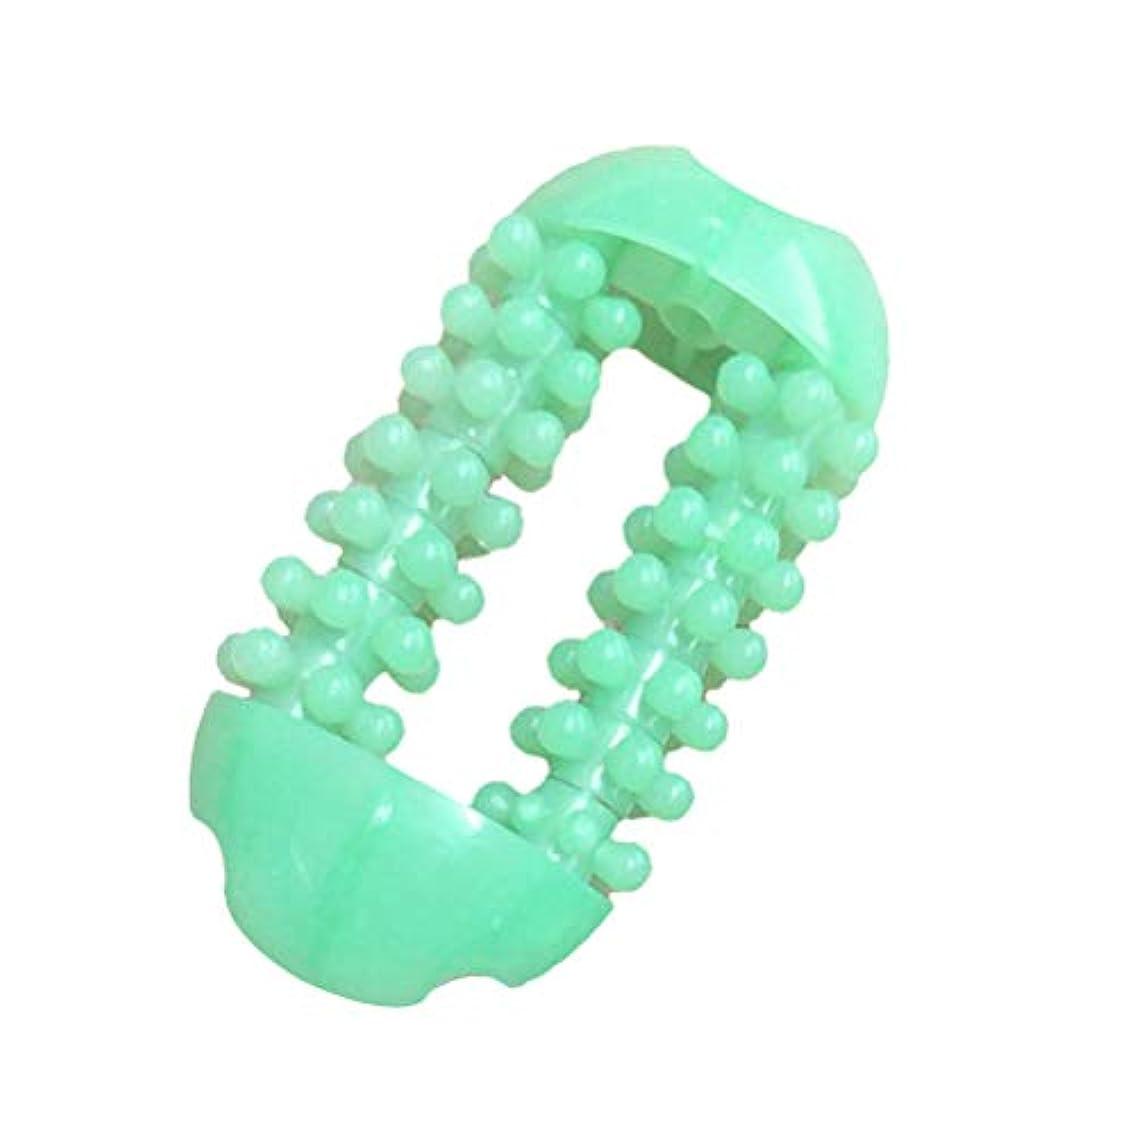 窒息させる憤る絡まるROSENICE Acupoint経絡プラスチックローラーマッサージャーのための簡単なグリップマッサージャー(色ランダム)